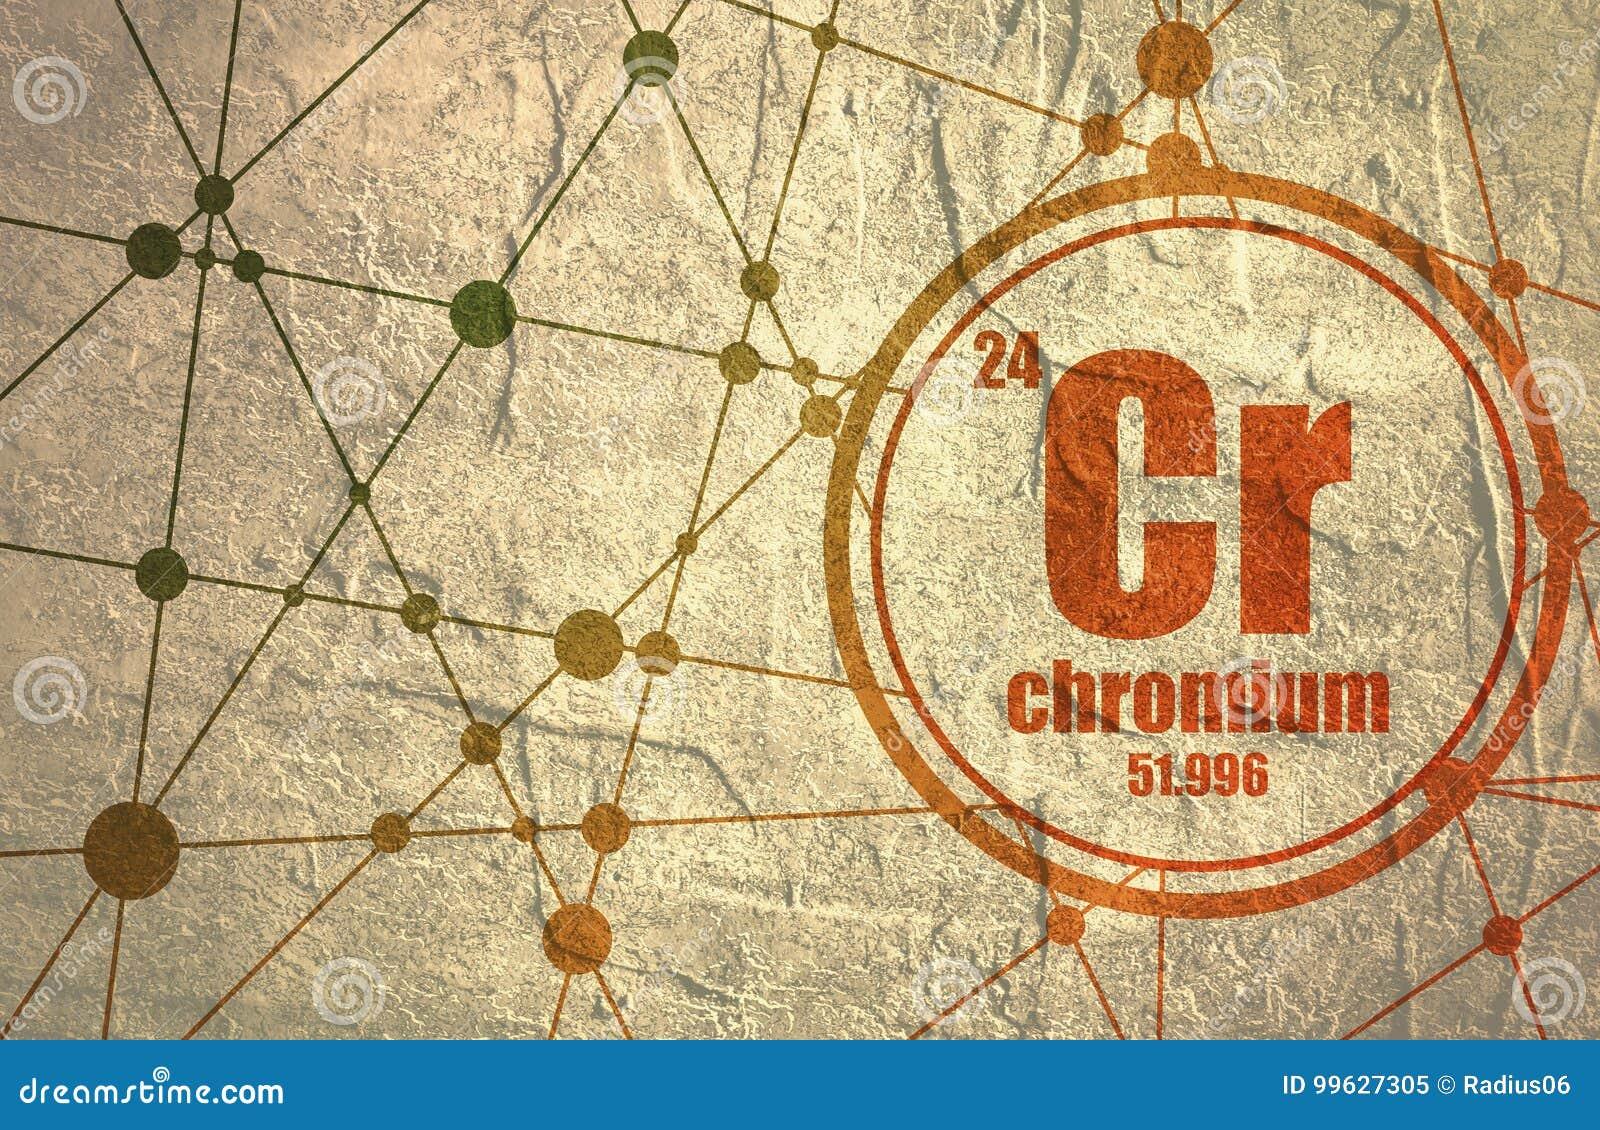 Chromium Chemical Element Stock Illustration Illustration Of